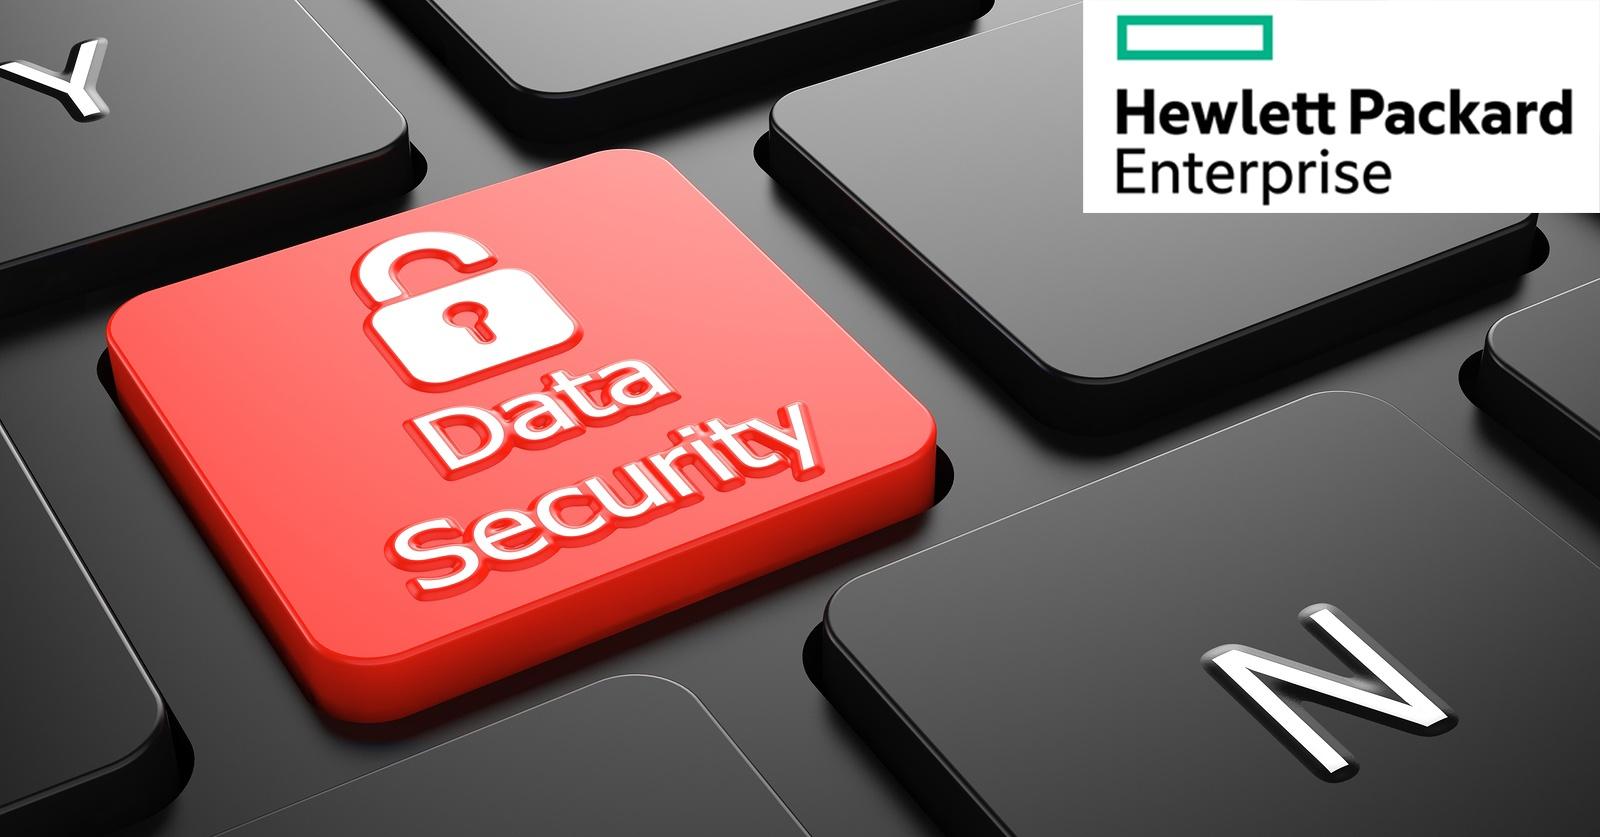 HPE SecureMail − лучшее ПО для безопасной электронной почты 2017 г - 1